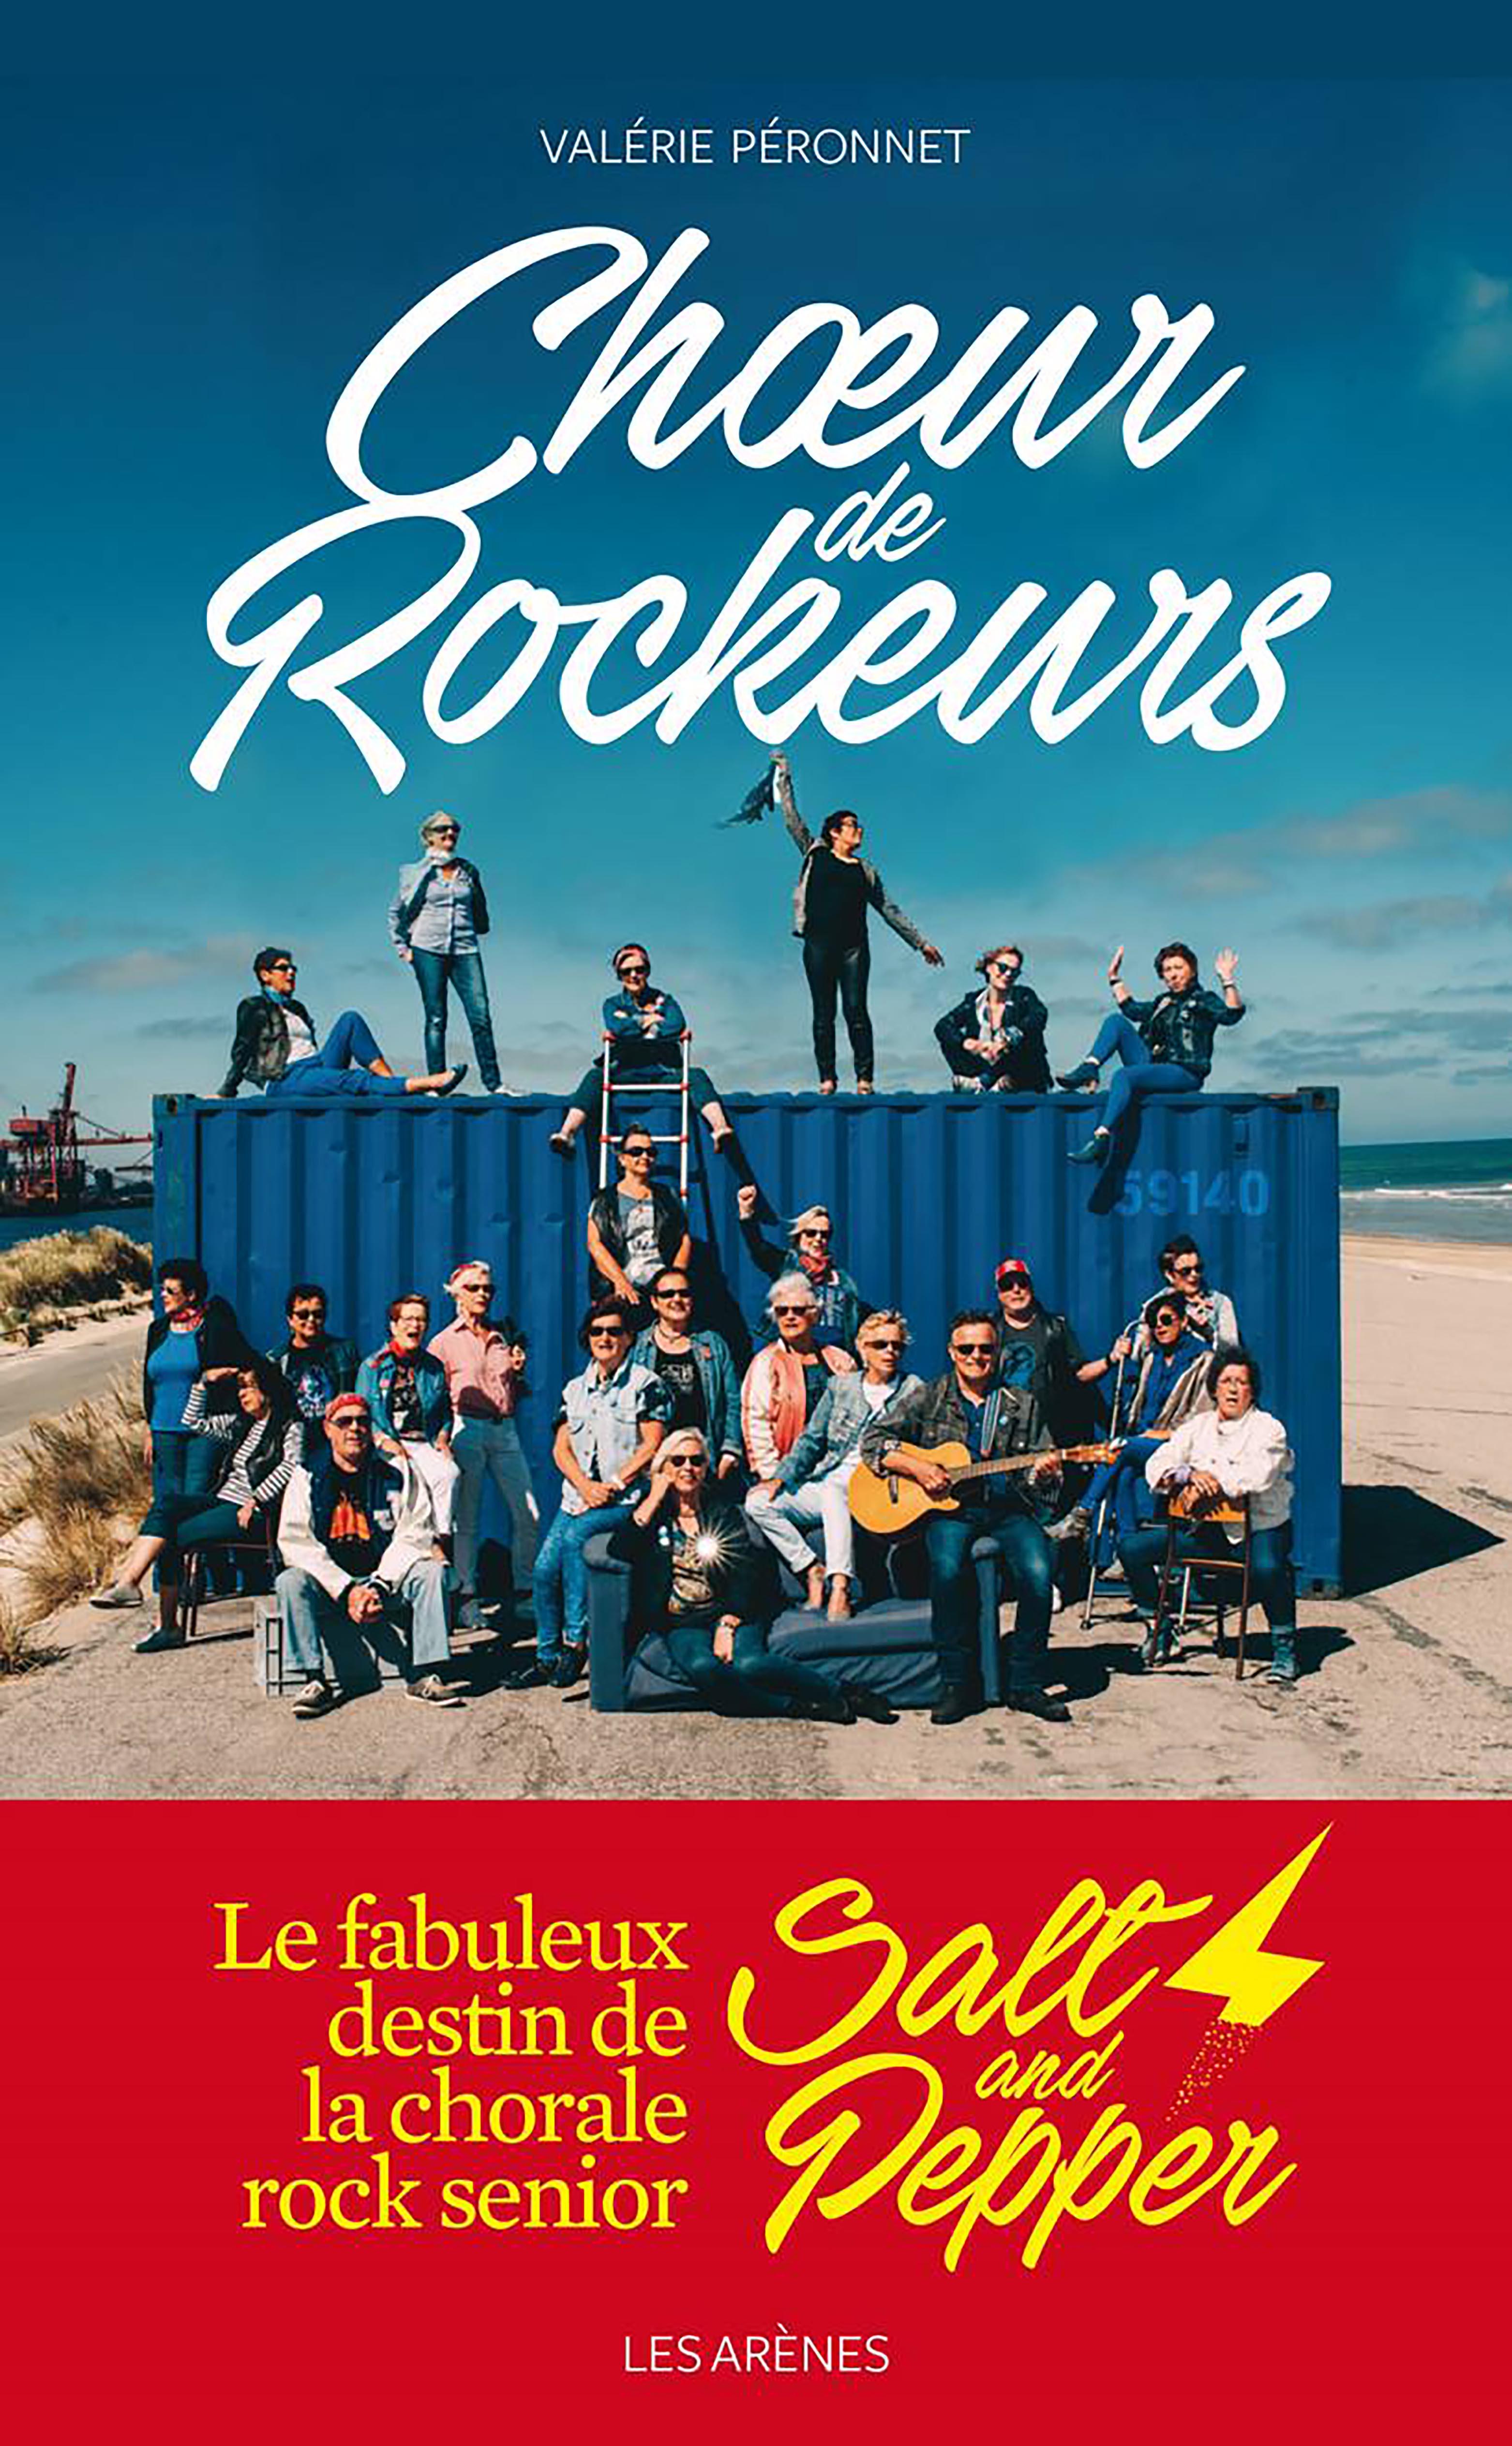 Choeur de rockeurs